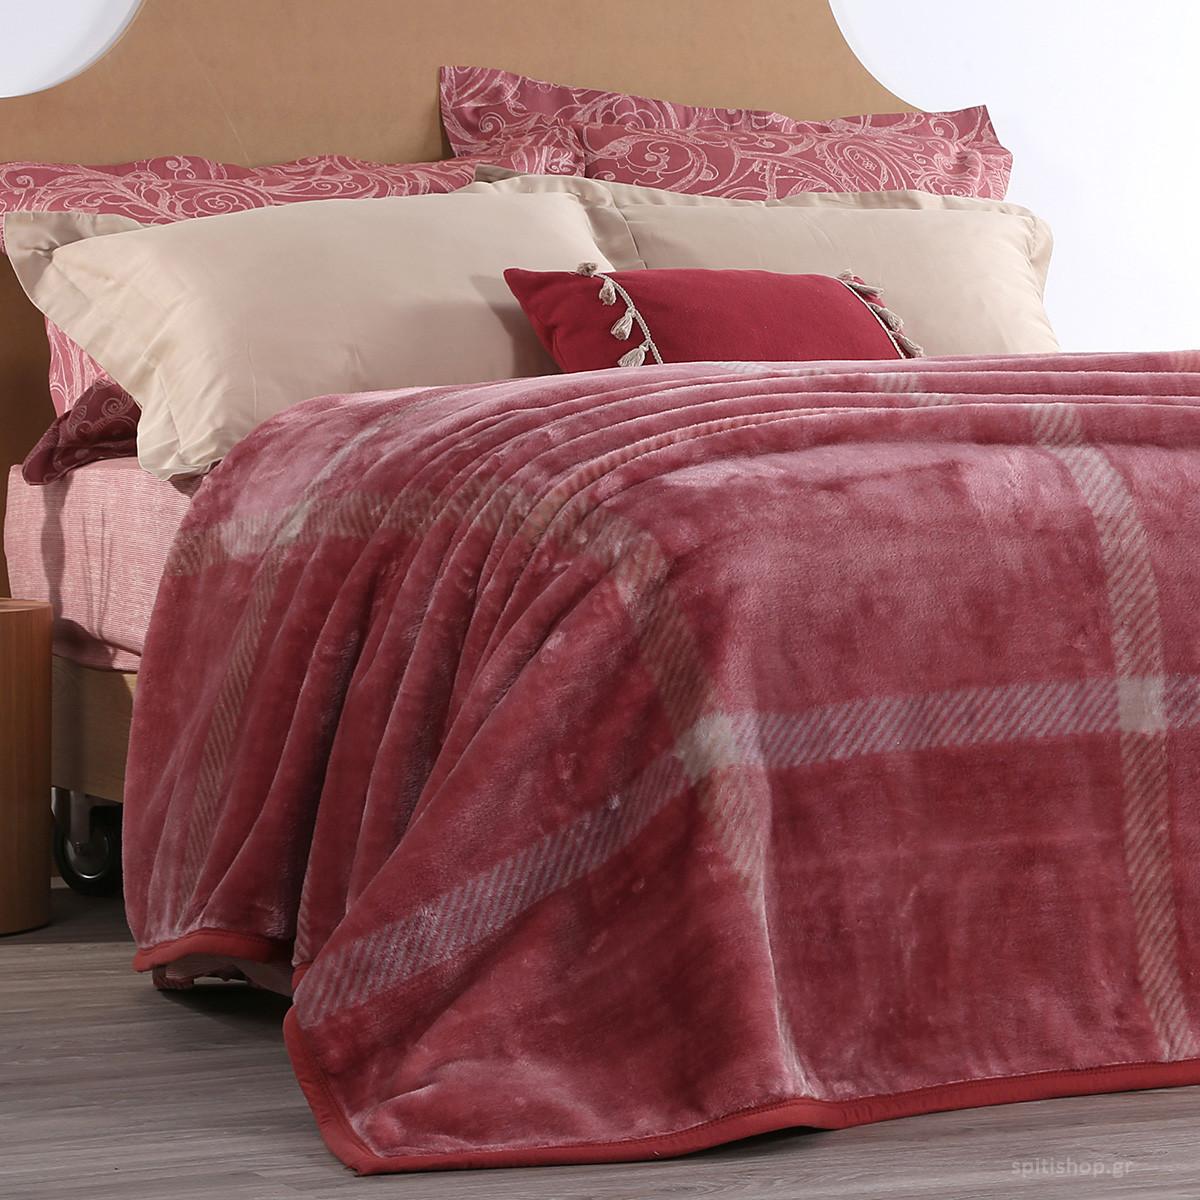 Κουβέρτα Βελουτέ Υπέρδιπλη Nef-Nef Berry Bordo home   κρεβατοκάμαρα   κουβέρτες   κουβέρτες βελουτέ υπέρδιπλες